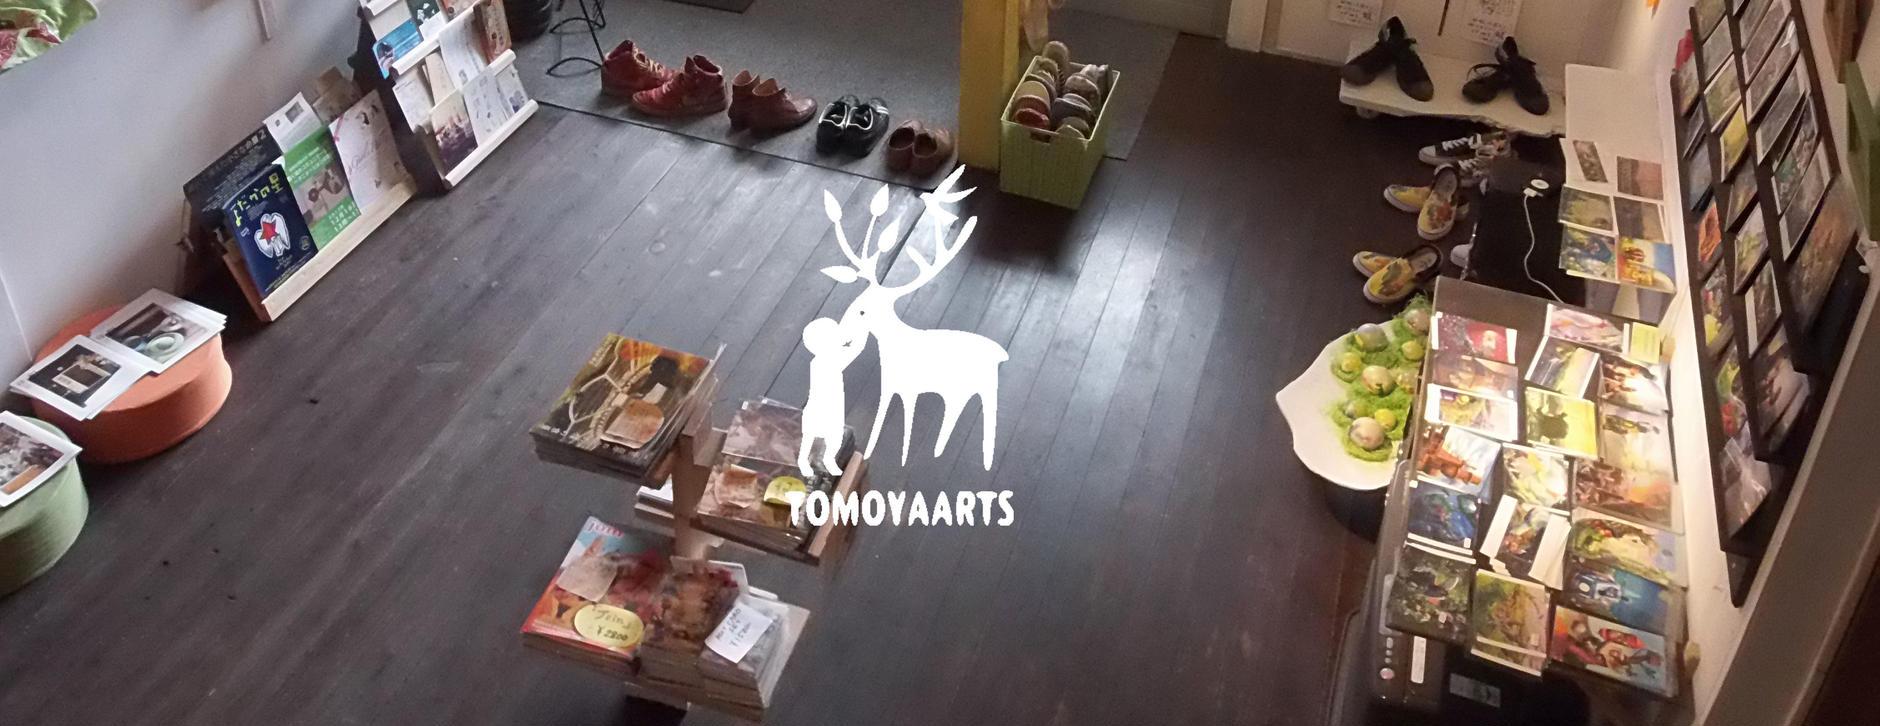 TOMOYAARTS shop